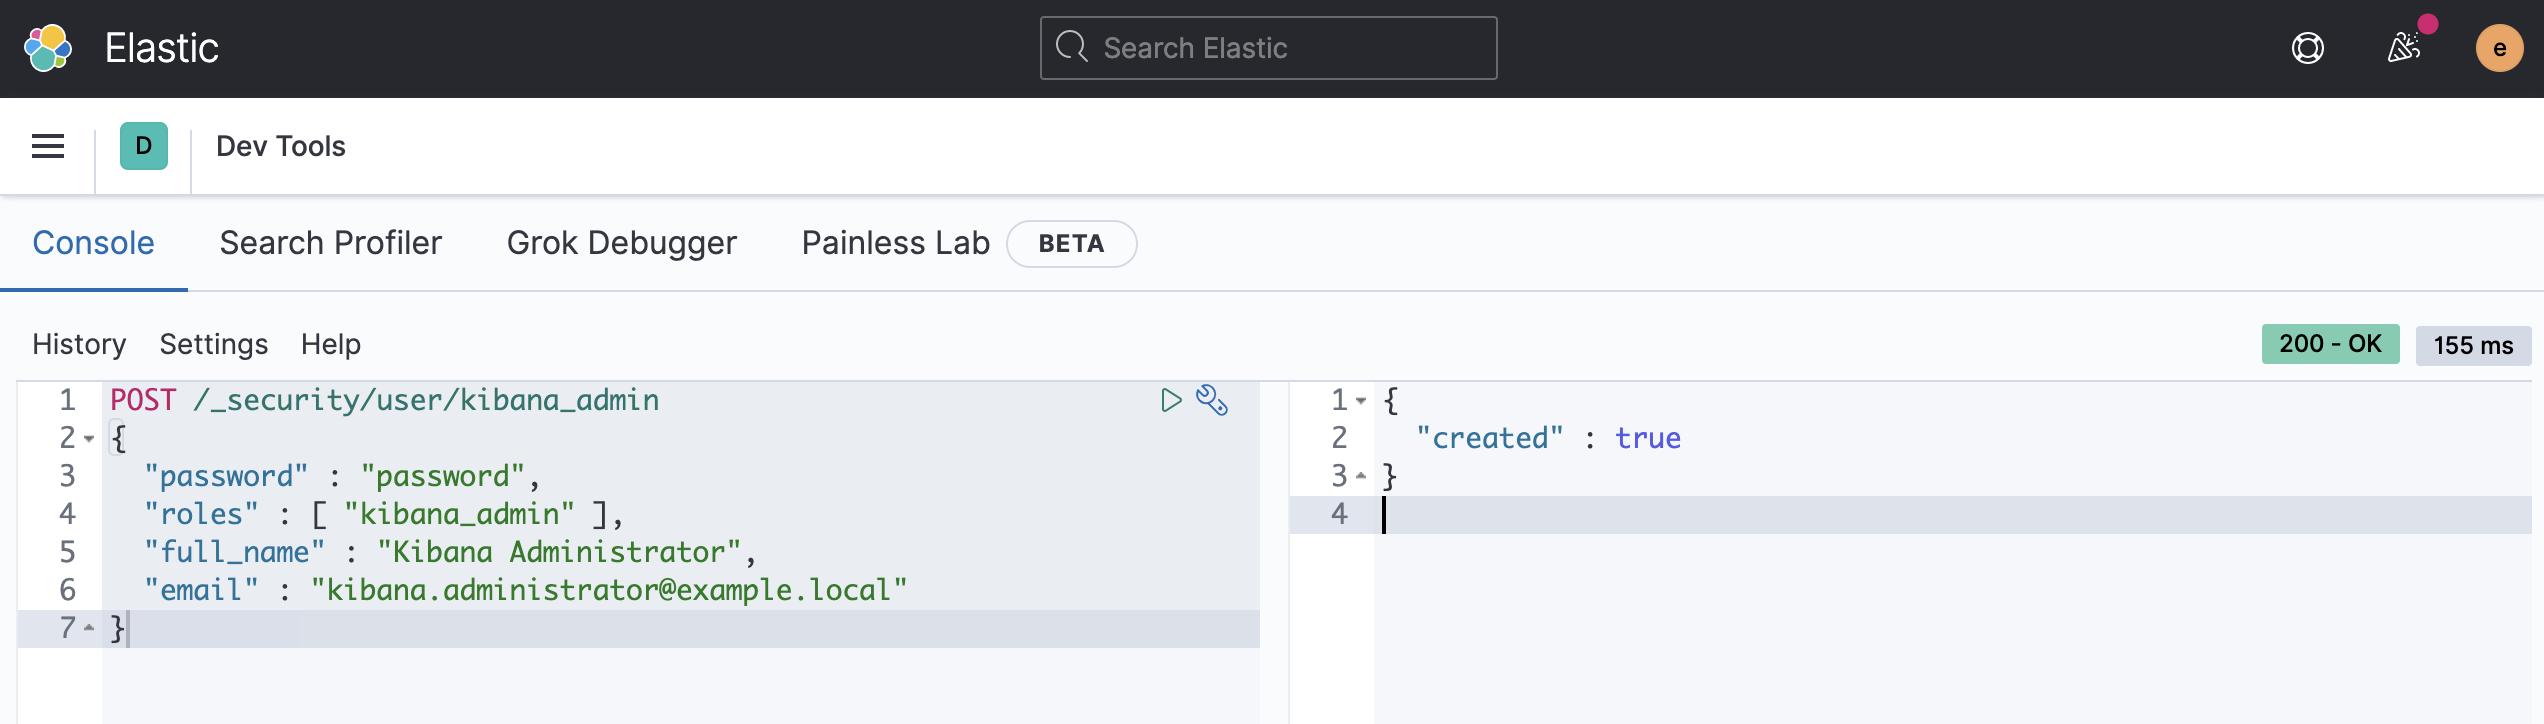 Создание пользователя kibana_admin через API